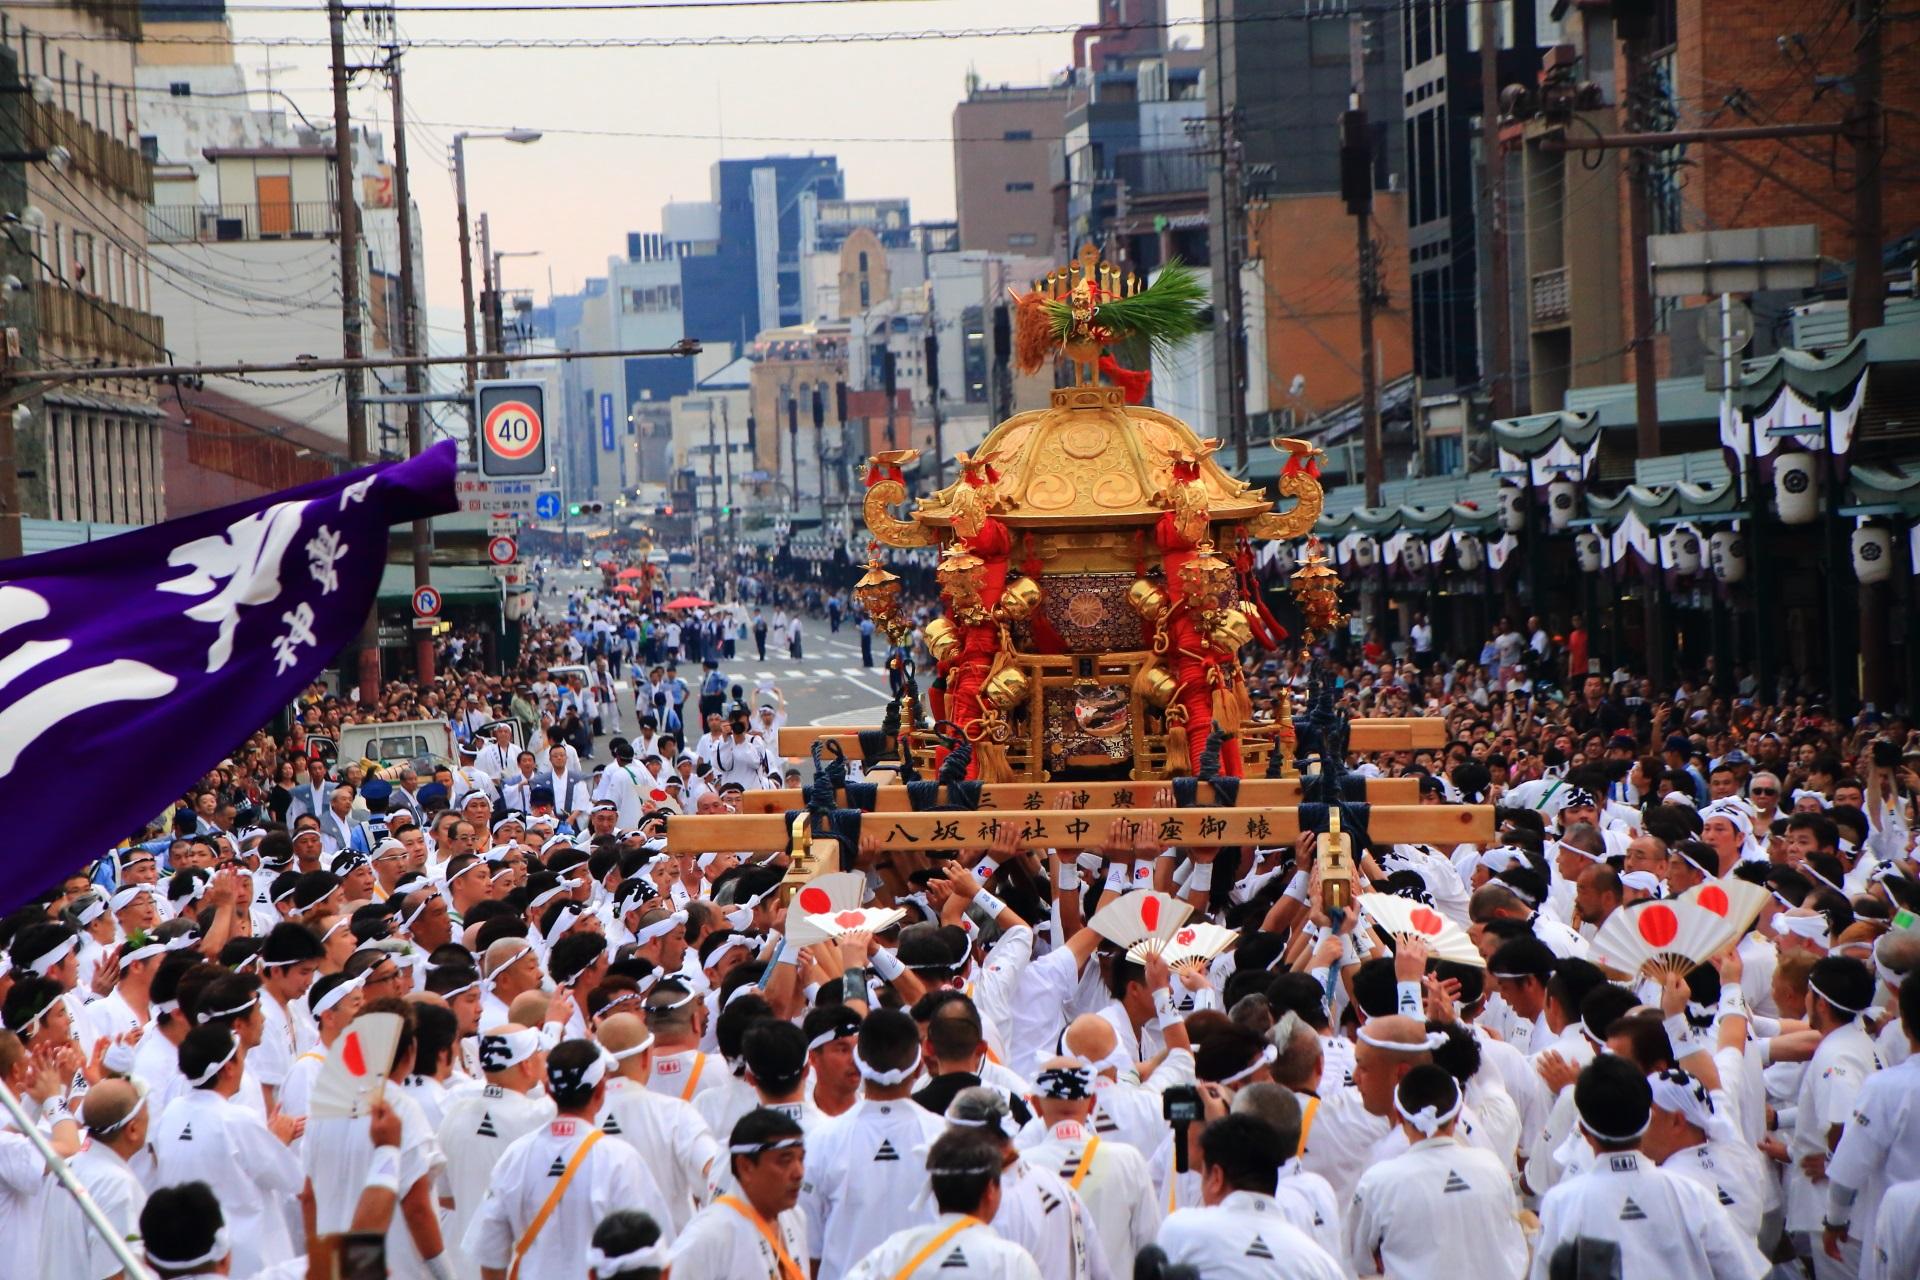 ほいっとーほいっとーの掛け声とともに激しく揺られる神幸祭のお神輿